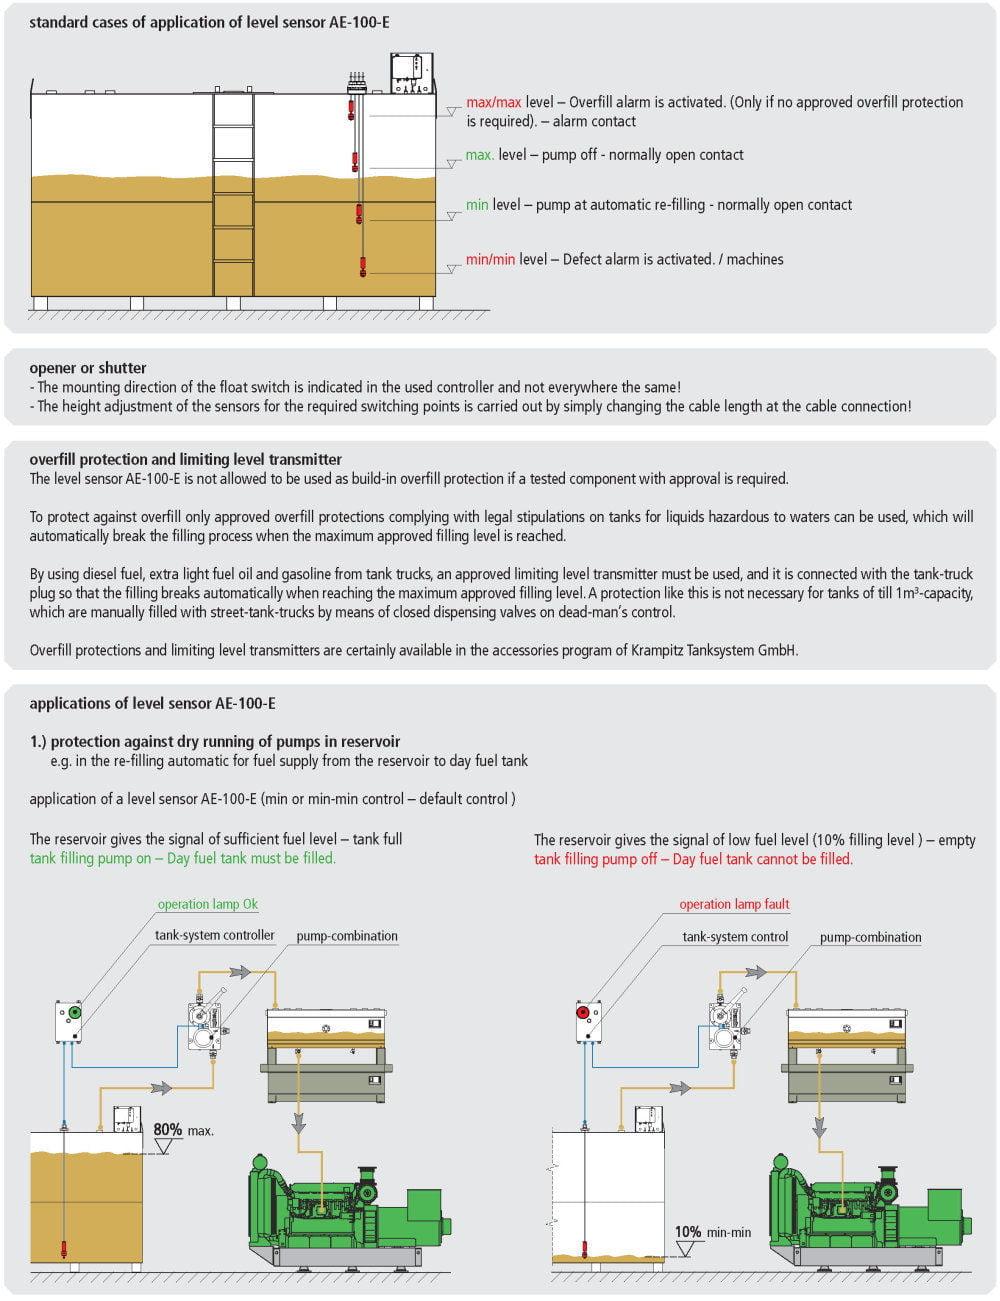 Level Sensor standard cases